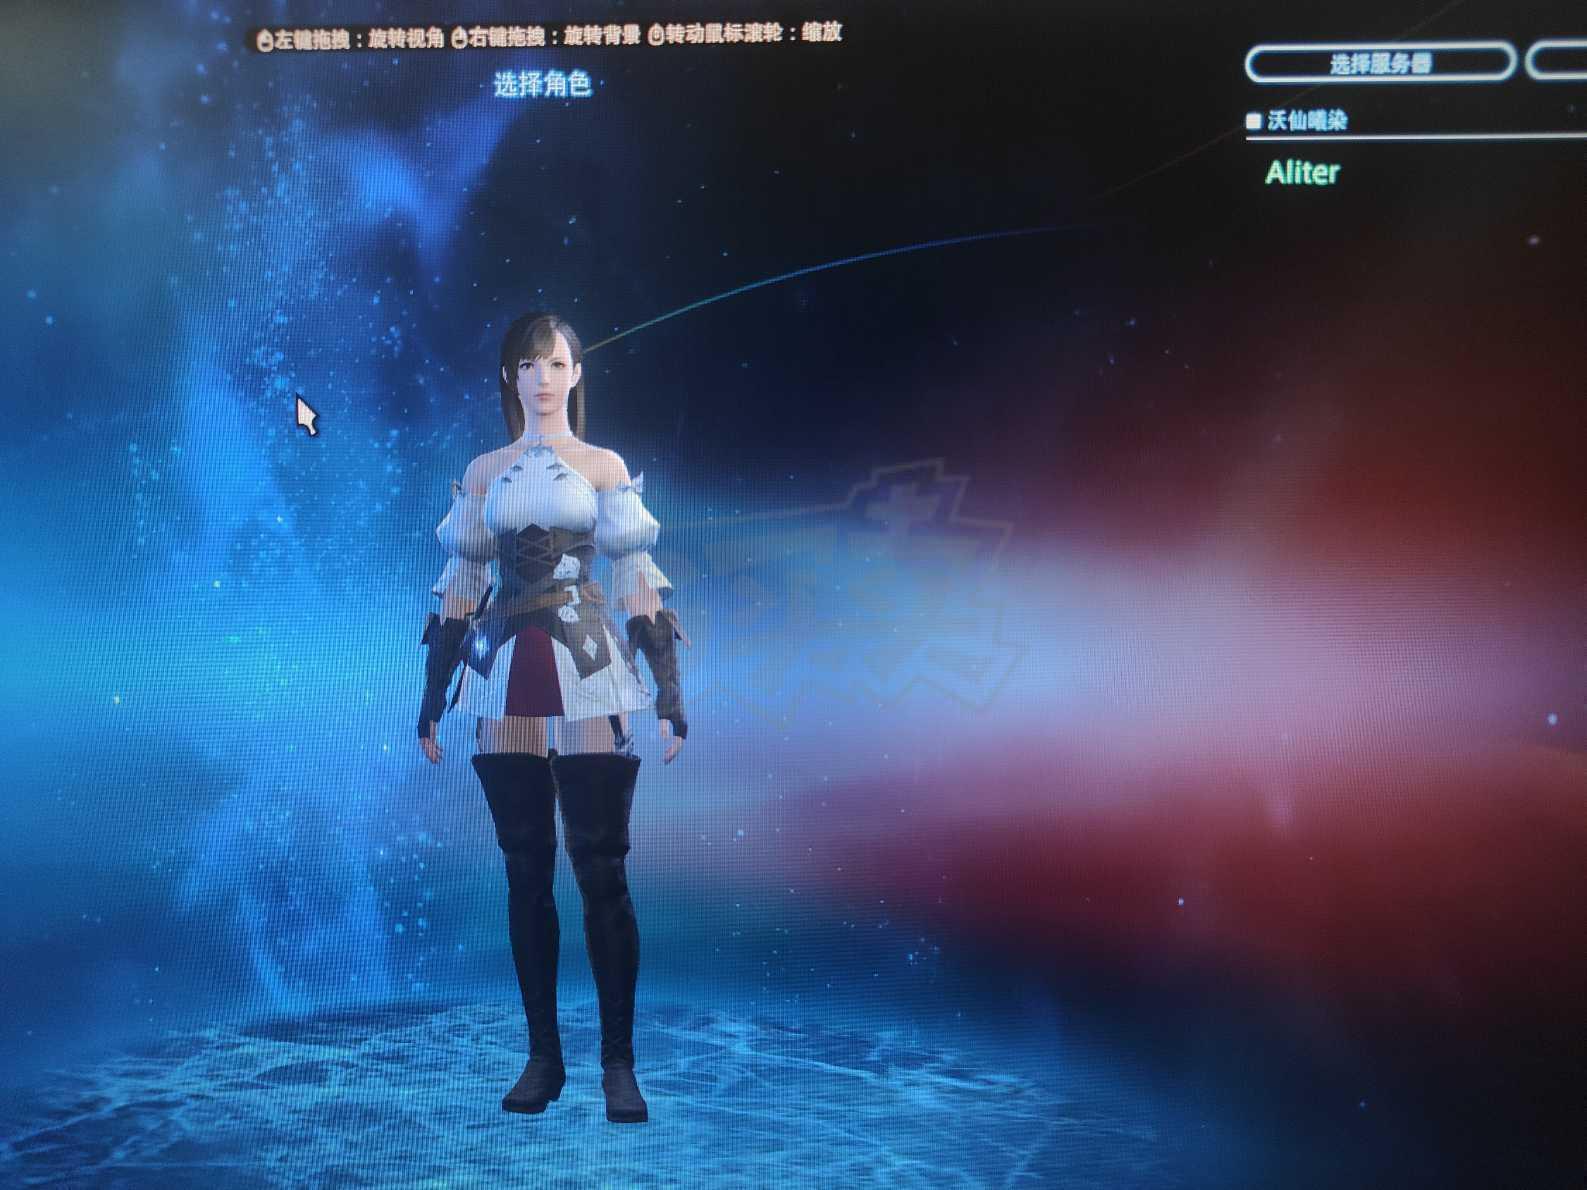 最终幻想14-账号-[秘术师1级]一区初始号 未填招待码 已充39